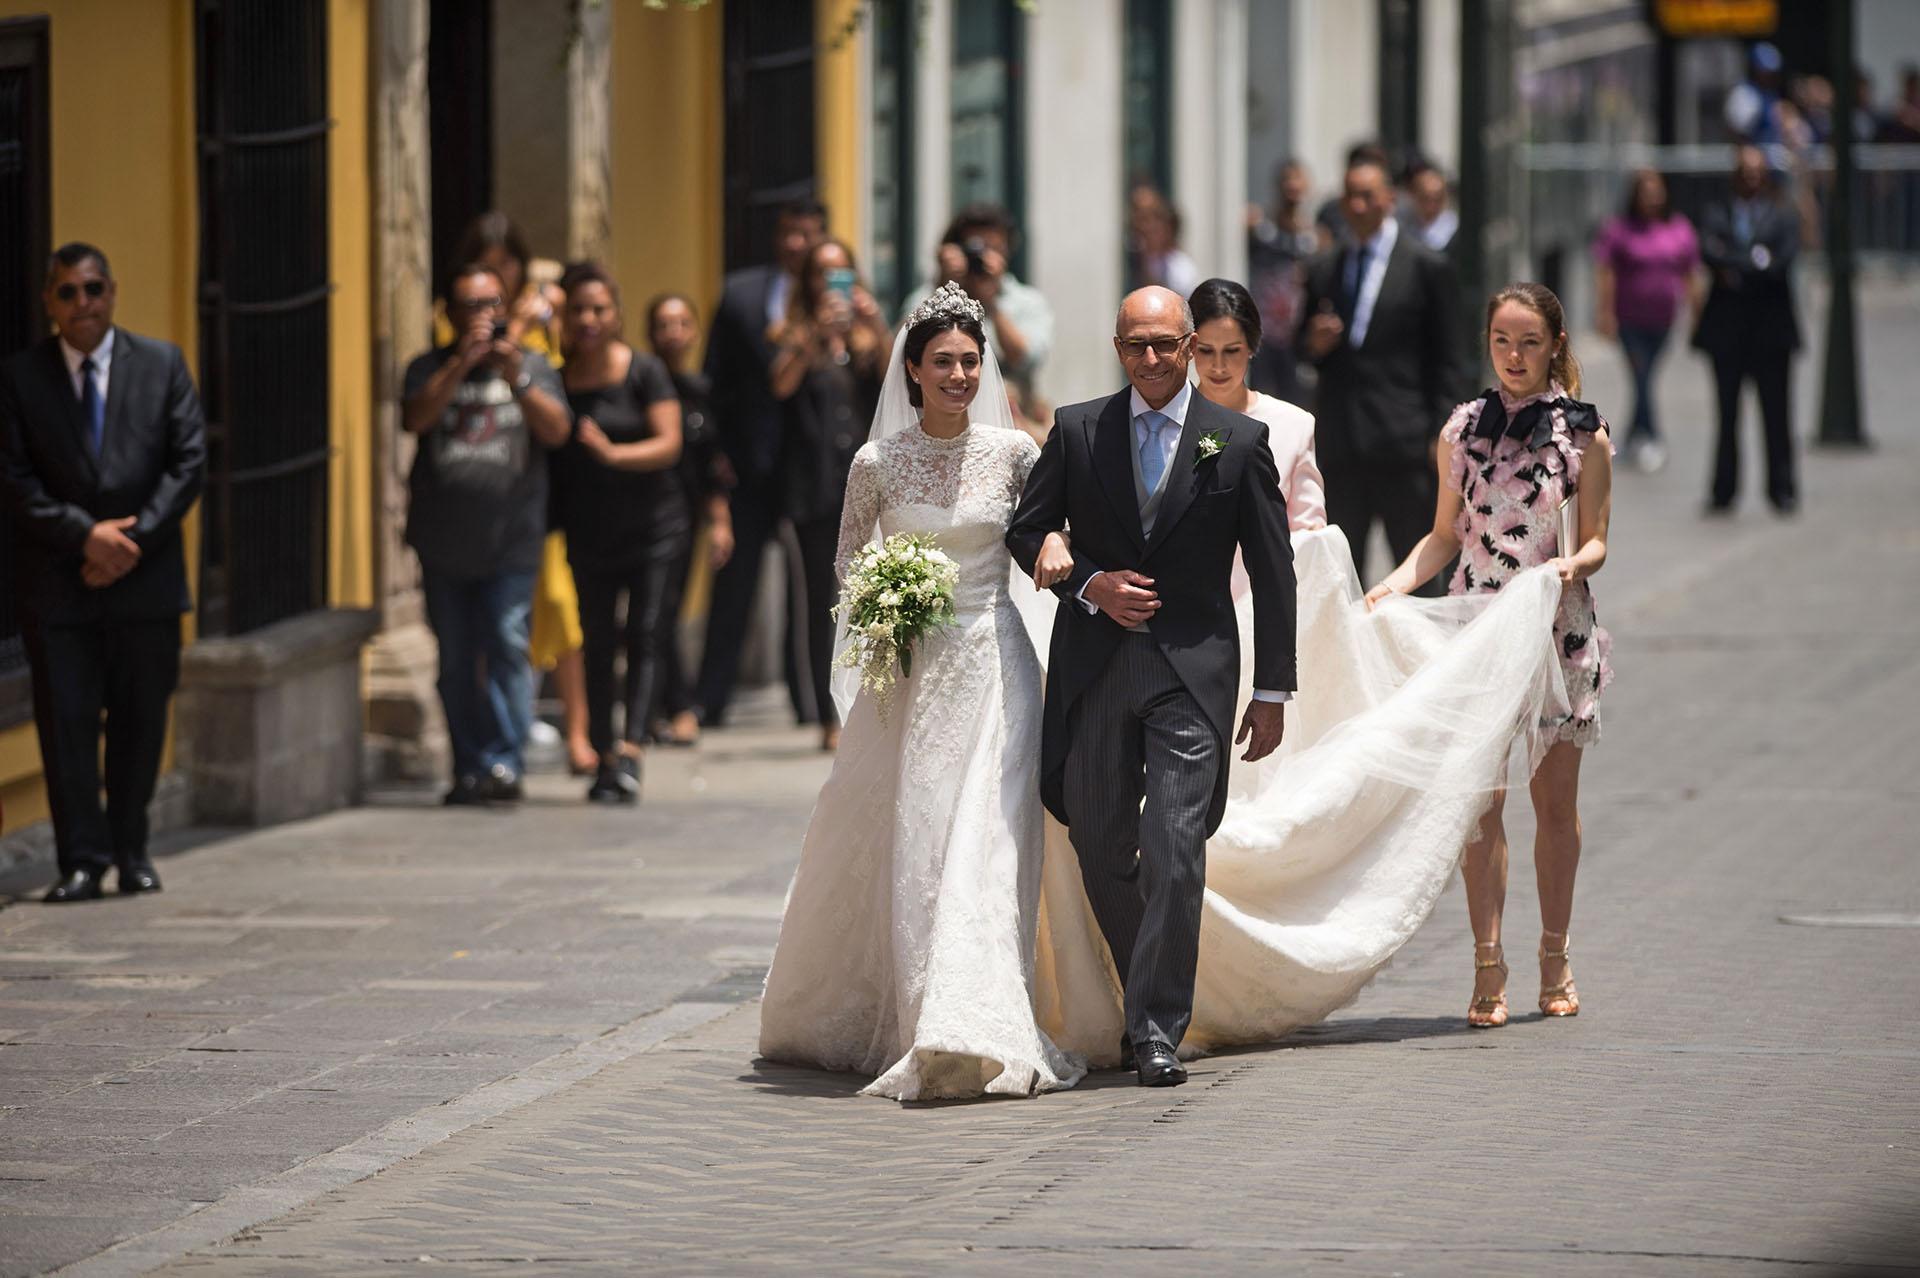 Alessandra Osma, de la mano de su padre el empresario peruano Felipe Osma, antes de llegar al altar de la iglesia de San Pedro. Alexander Hannover, quien es hija de Carolina de Mónaco y Ernest Hanover, ofició de dama de honor.